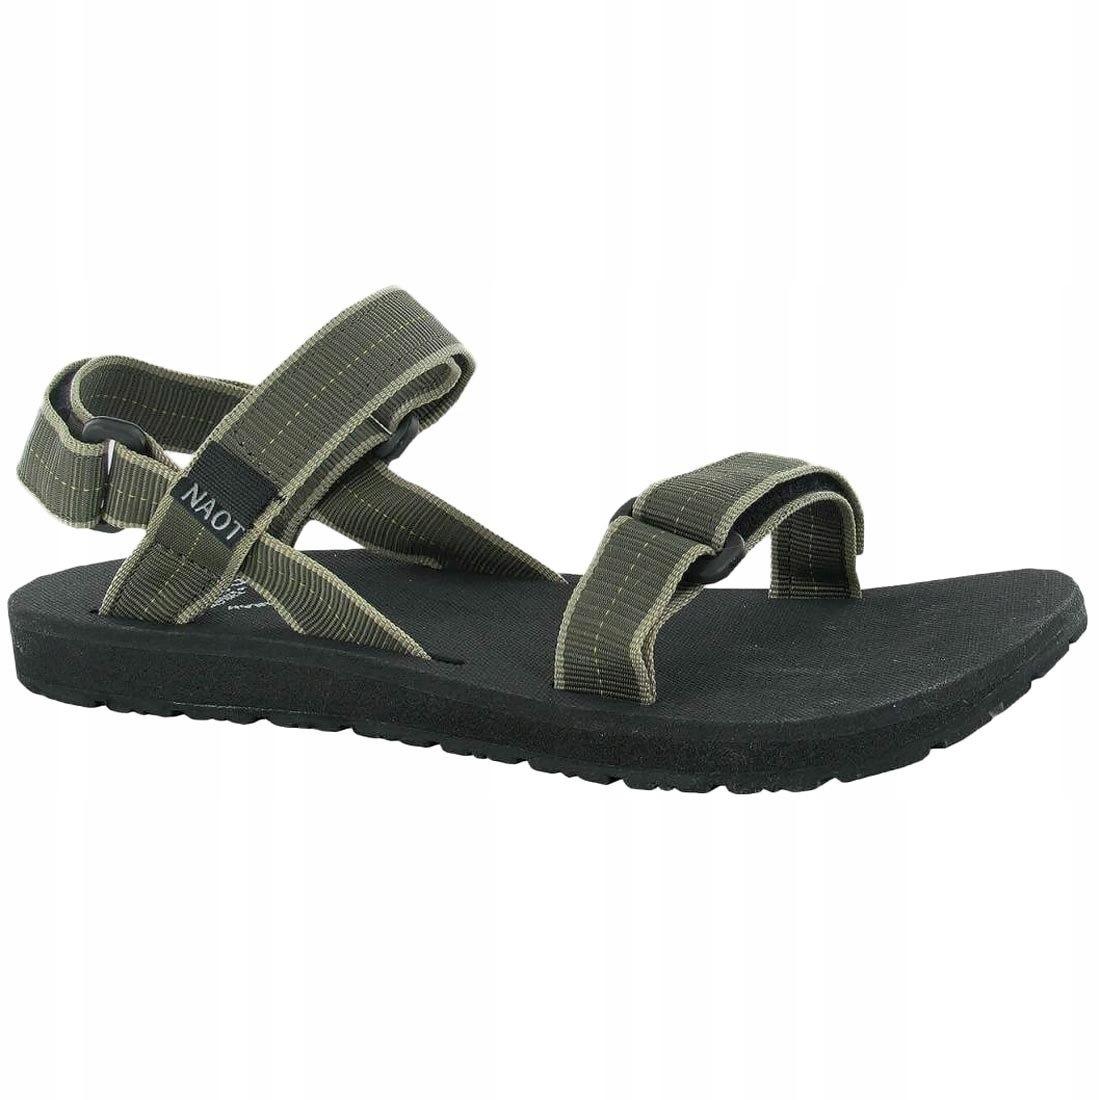 Купить сандалии HAVEN MEN CAMOUFLAGE NAOT SOMPEX Source на Eurozakup - цены и фото - доставка из Польши и стран Европы в Украину.